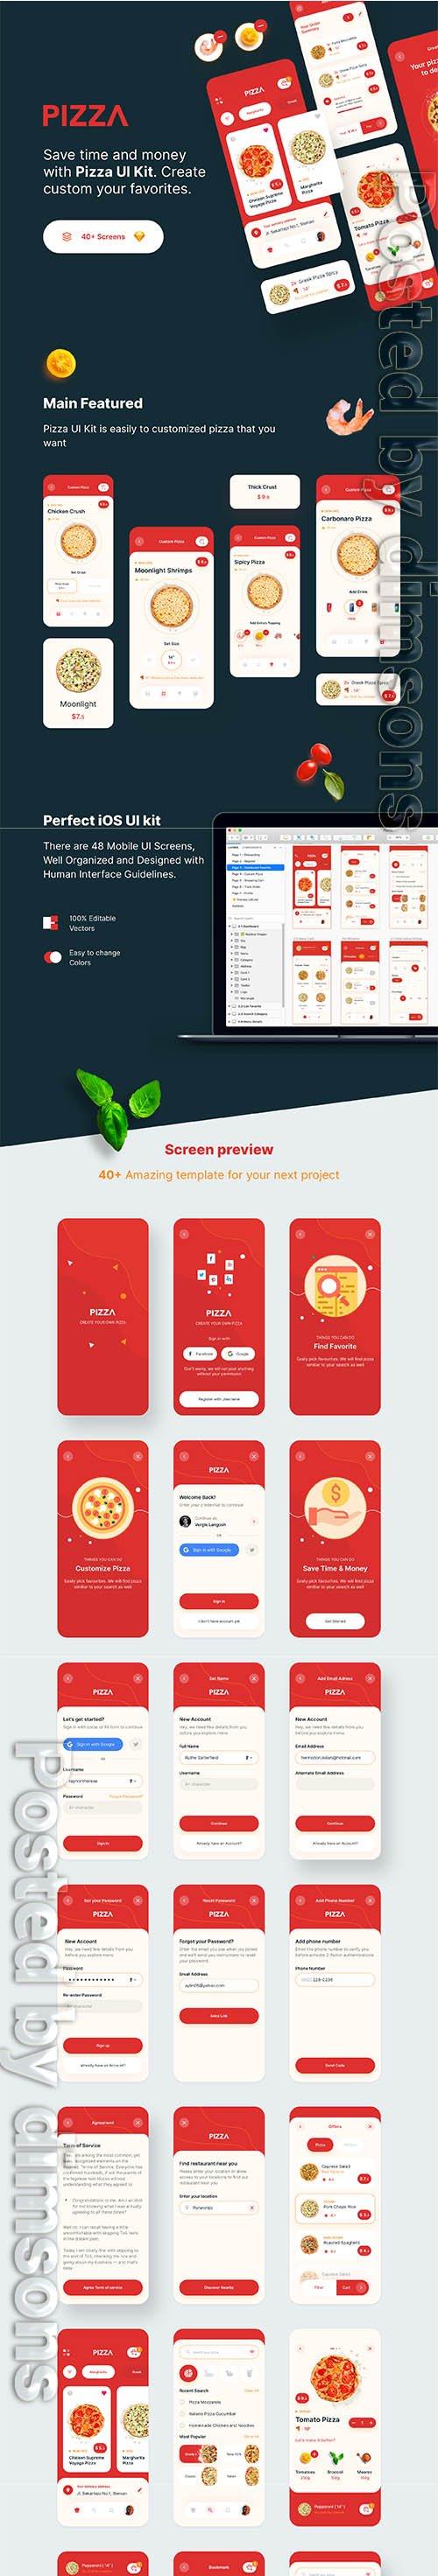 PIZZA App UI Kit